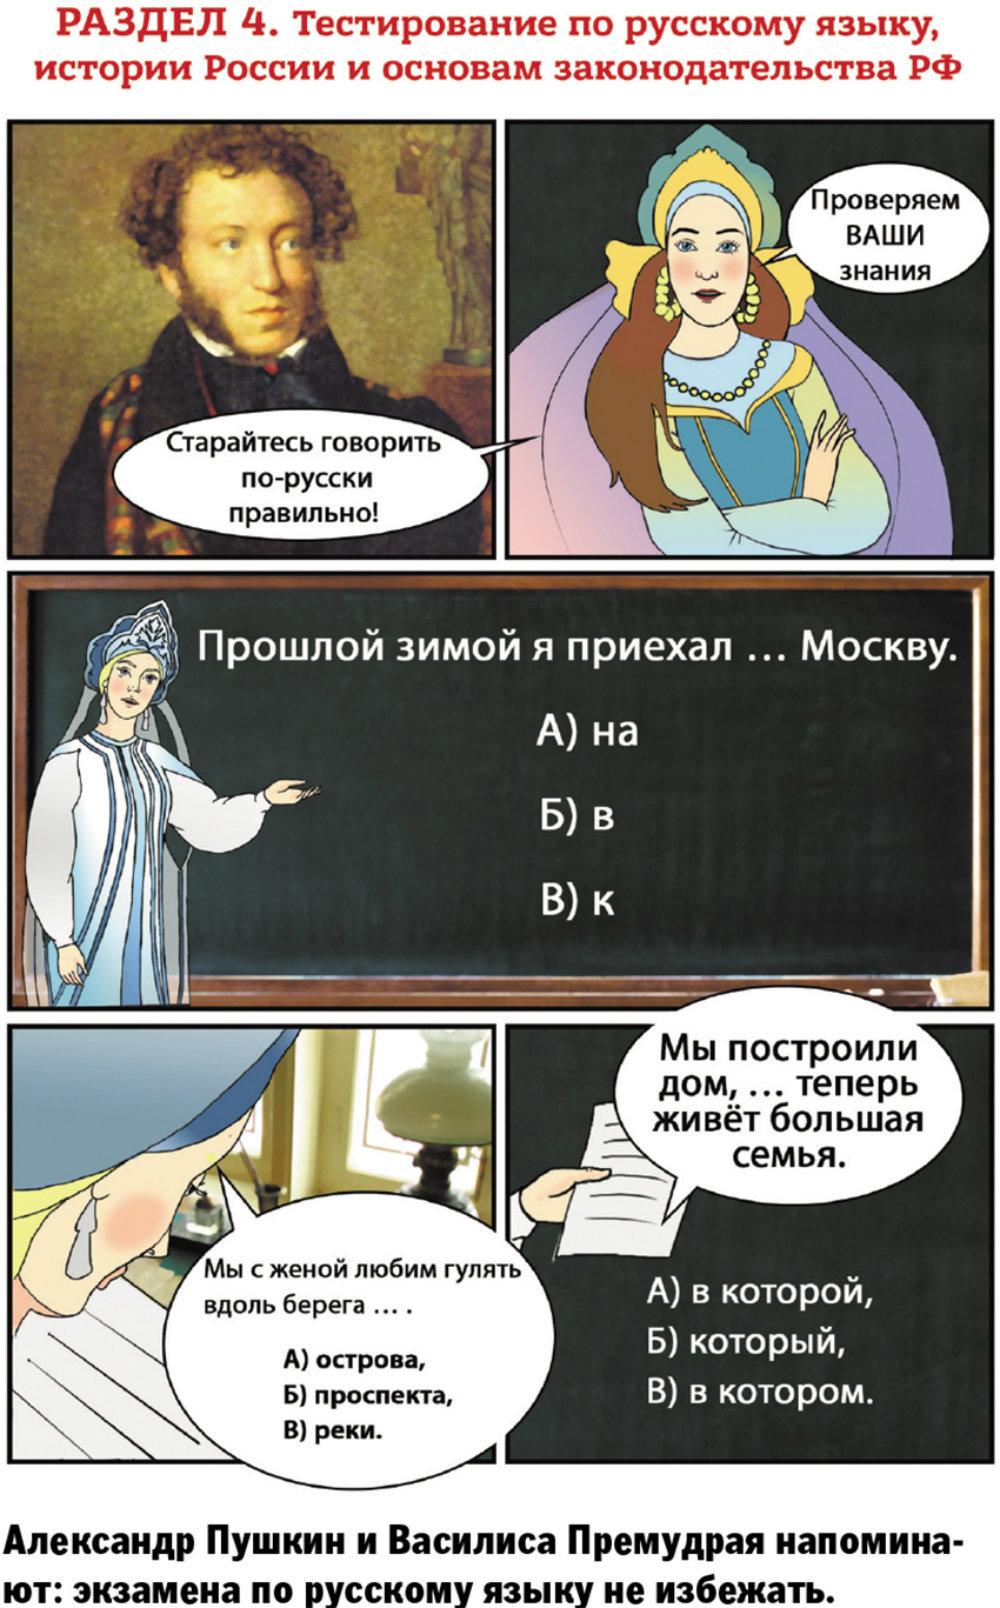 Василиса Премудрая, Снегурочка и, почему-то Александр Пушкин, объясняют правила русского языка.